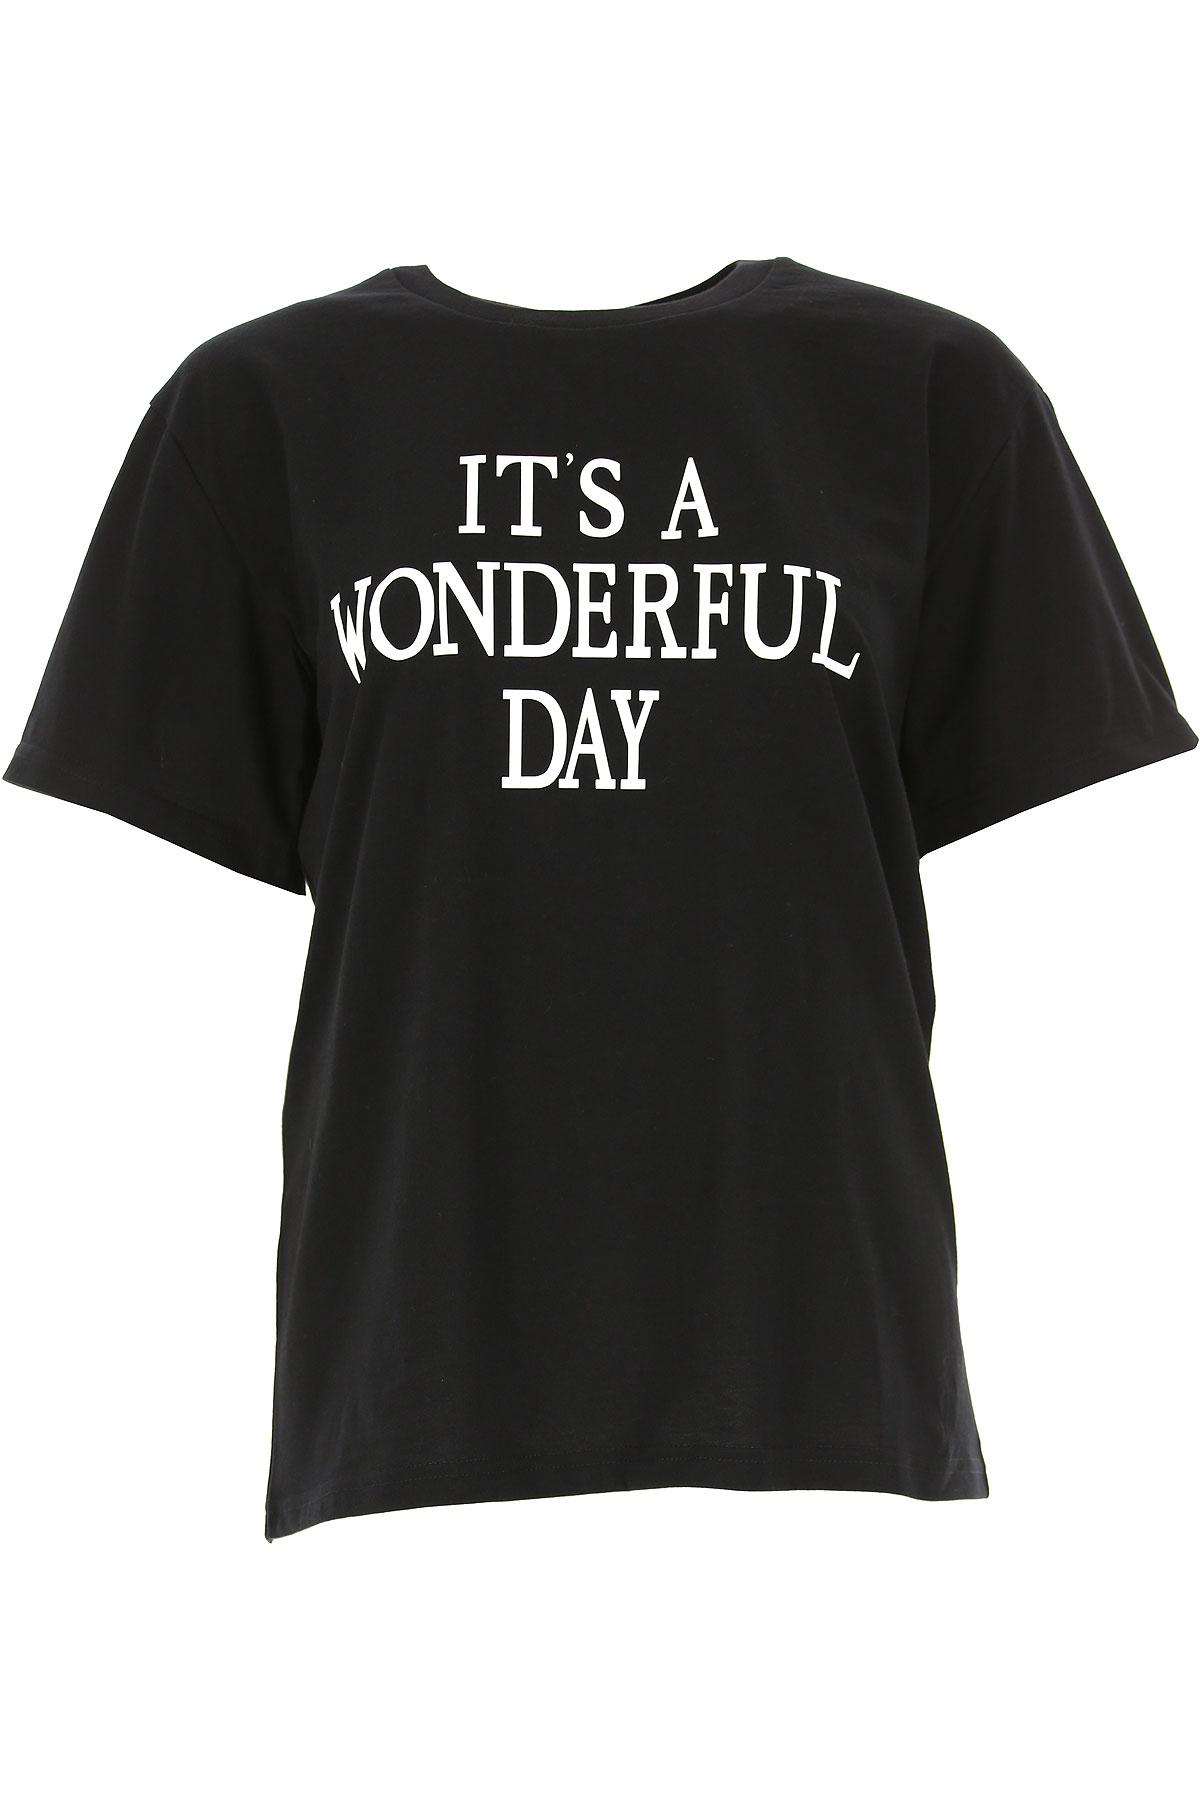 Image of Alberta Ferretti T-Shirt for Women, Black, Cotton, 2017, 2 4 6 8